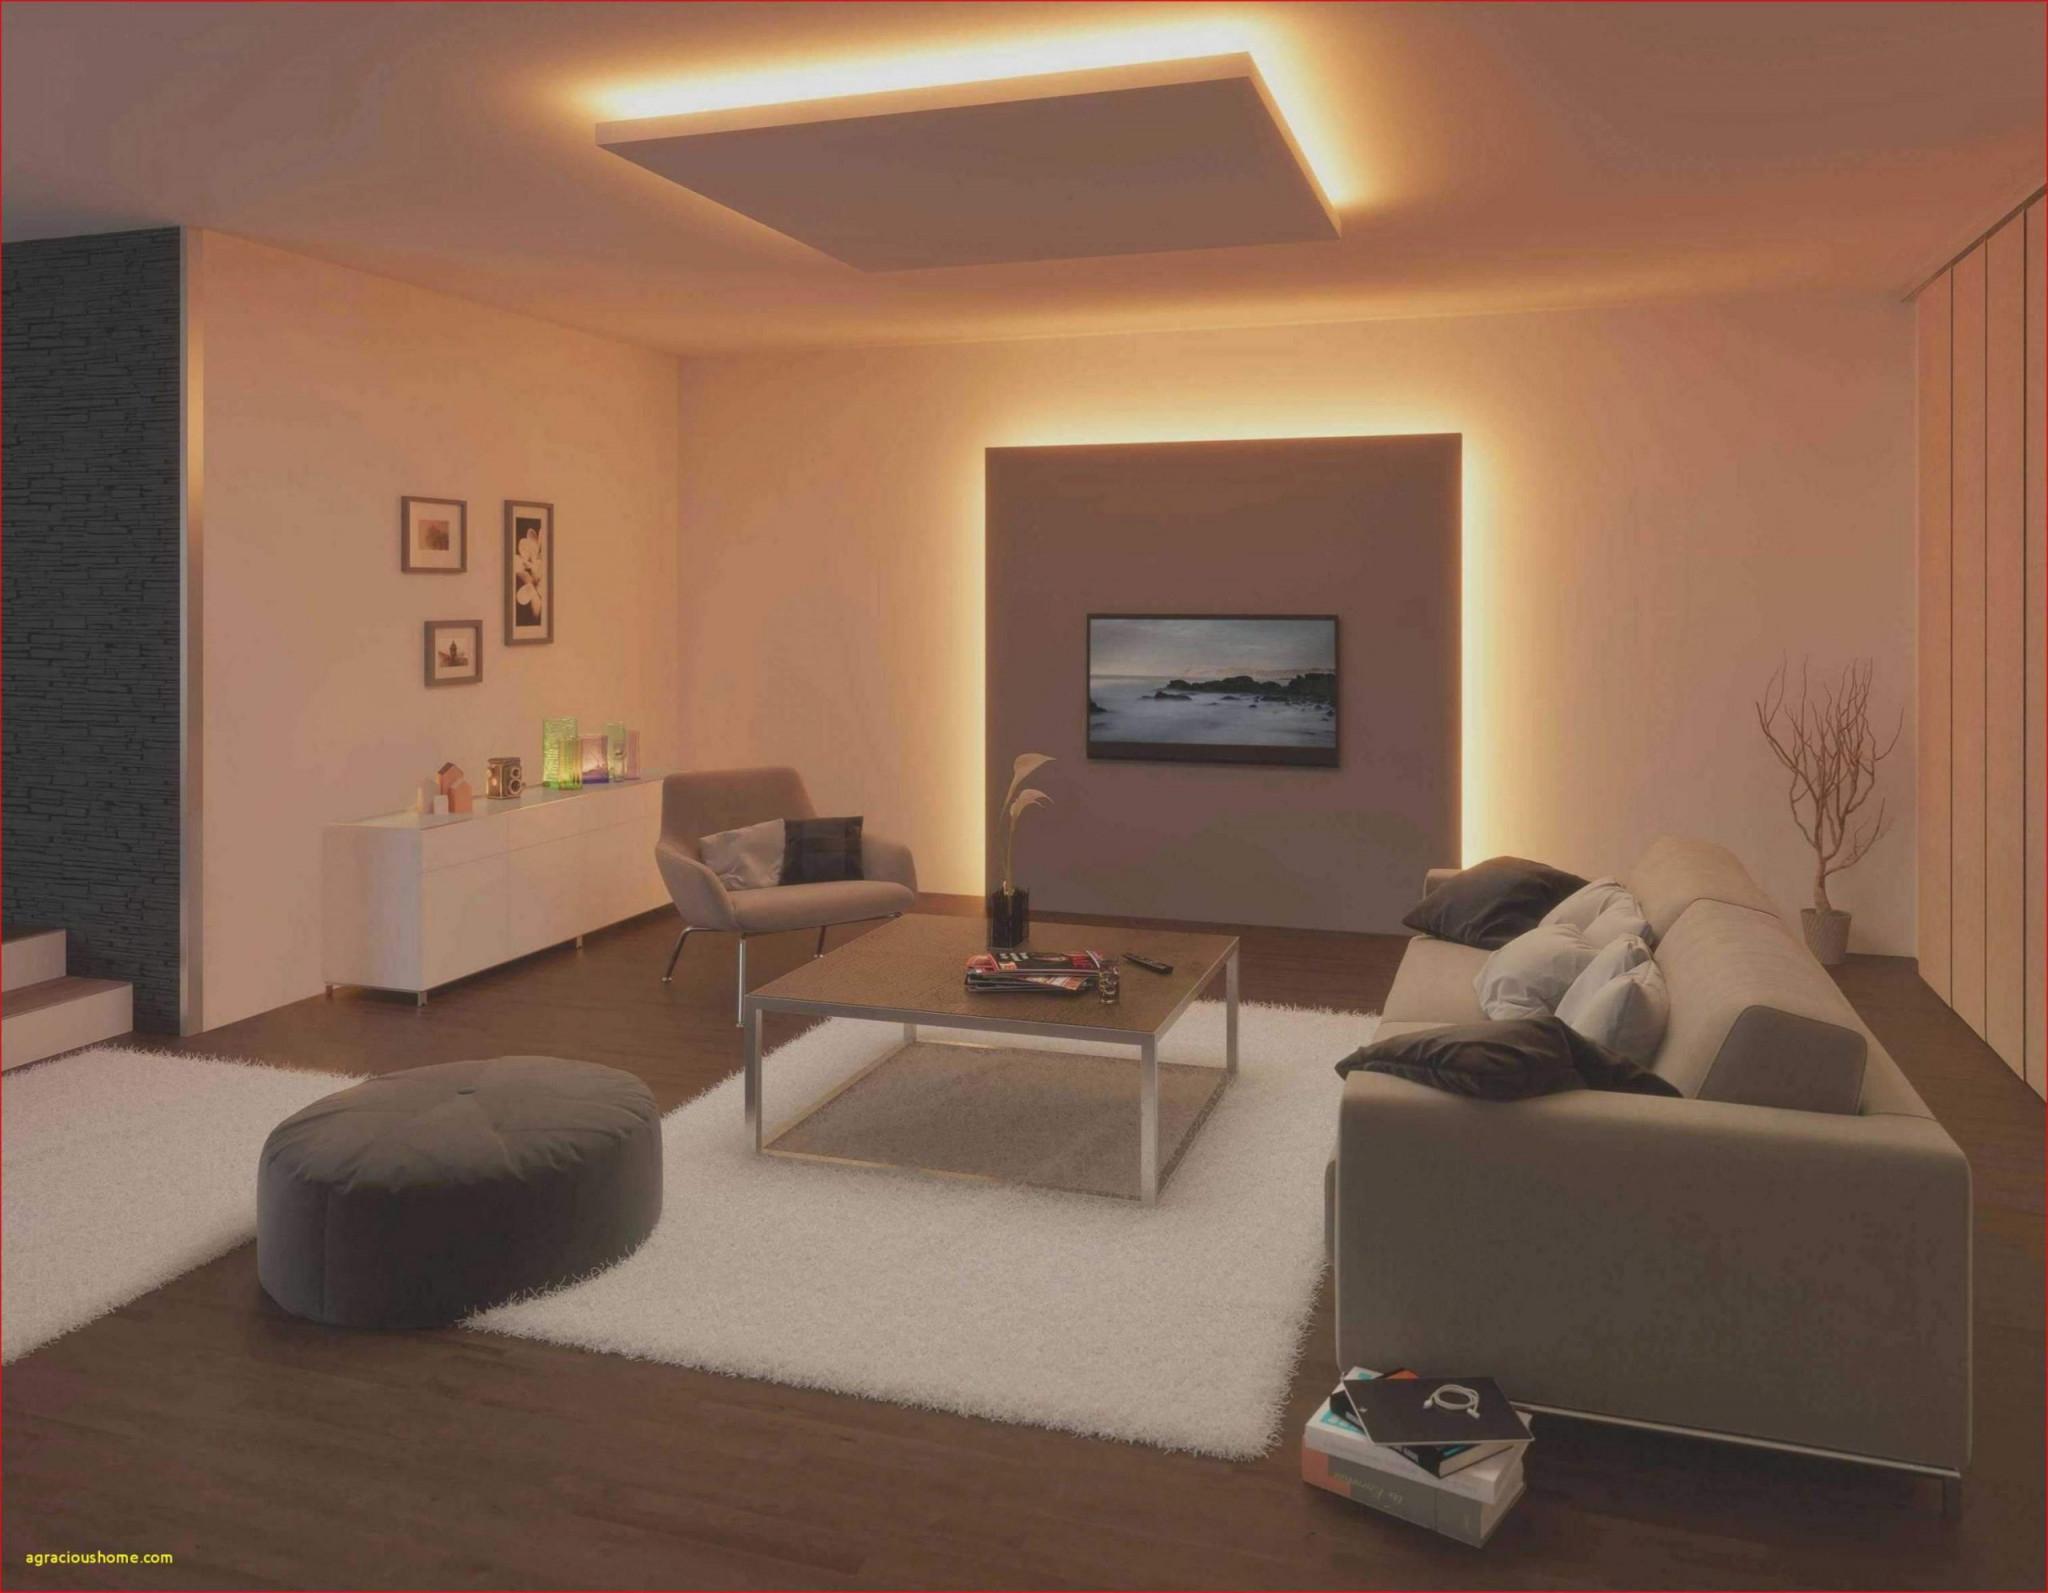 Wohnzimmer Gemütlich Modern Das Beste Von 50 Luxus Von von Wohnzimmer Ideen Gemütlich Bild